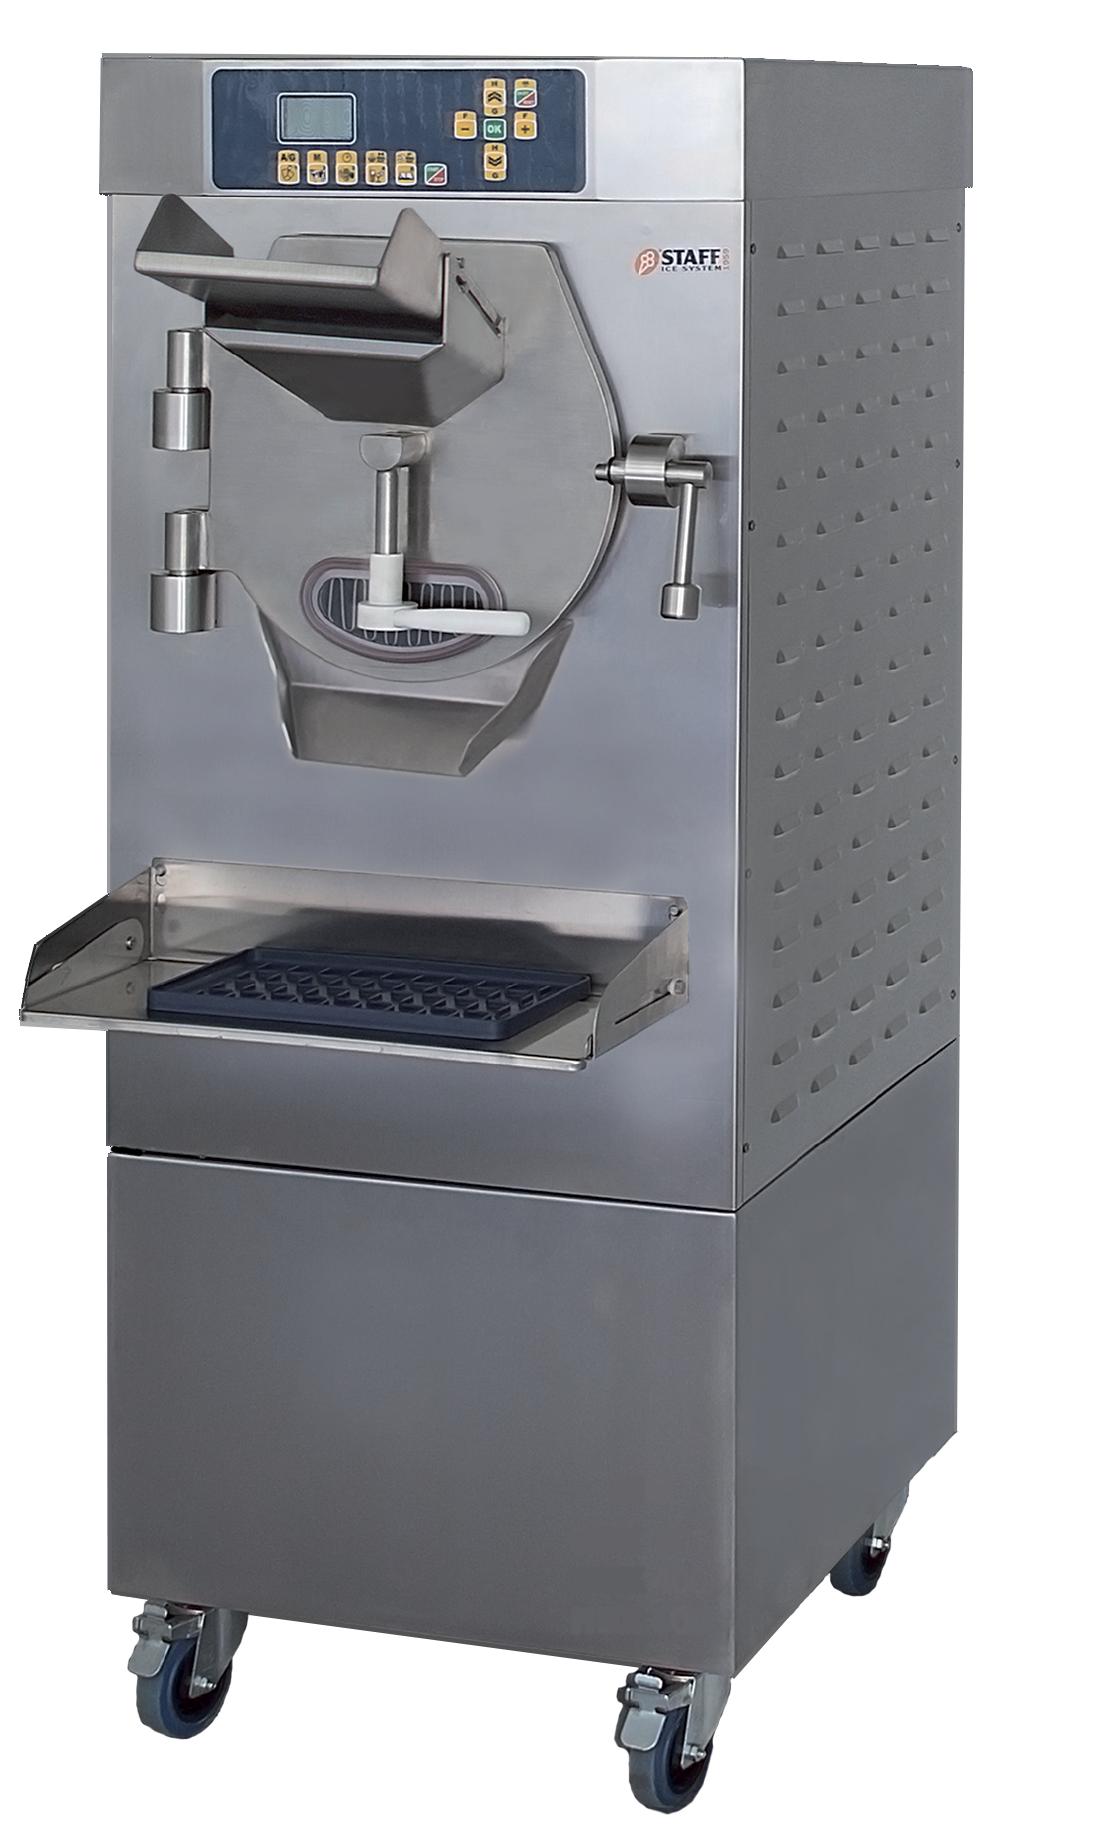 מכונה לייצור גלידה איטלקית HBX מבית STAFF איטליה